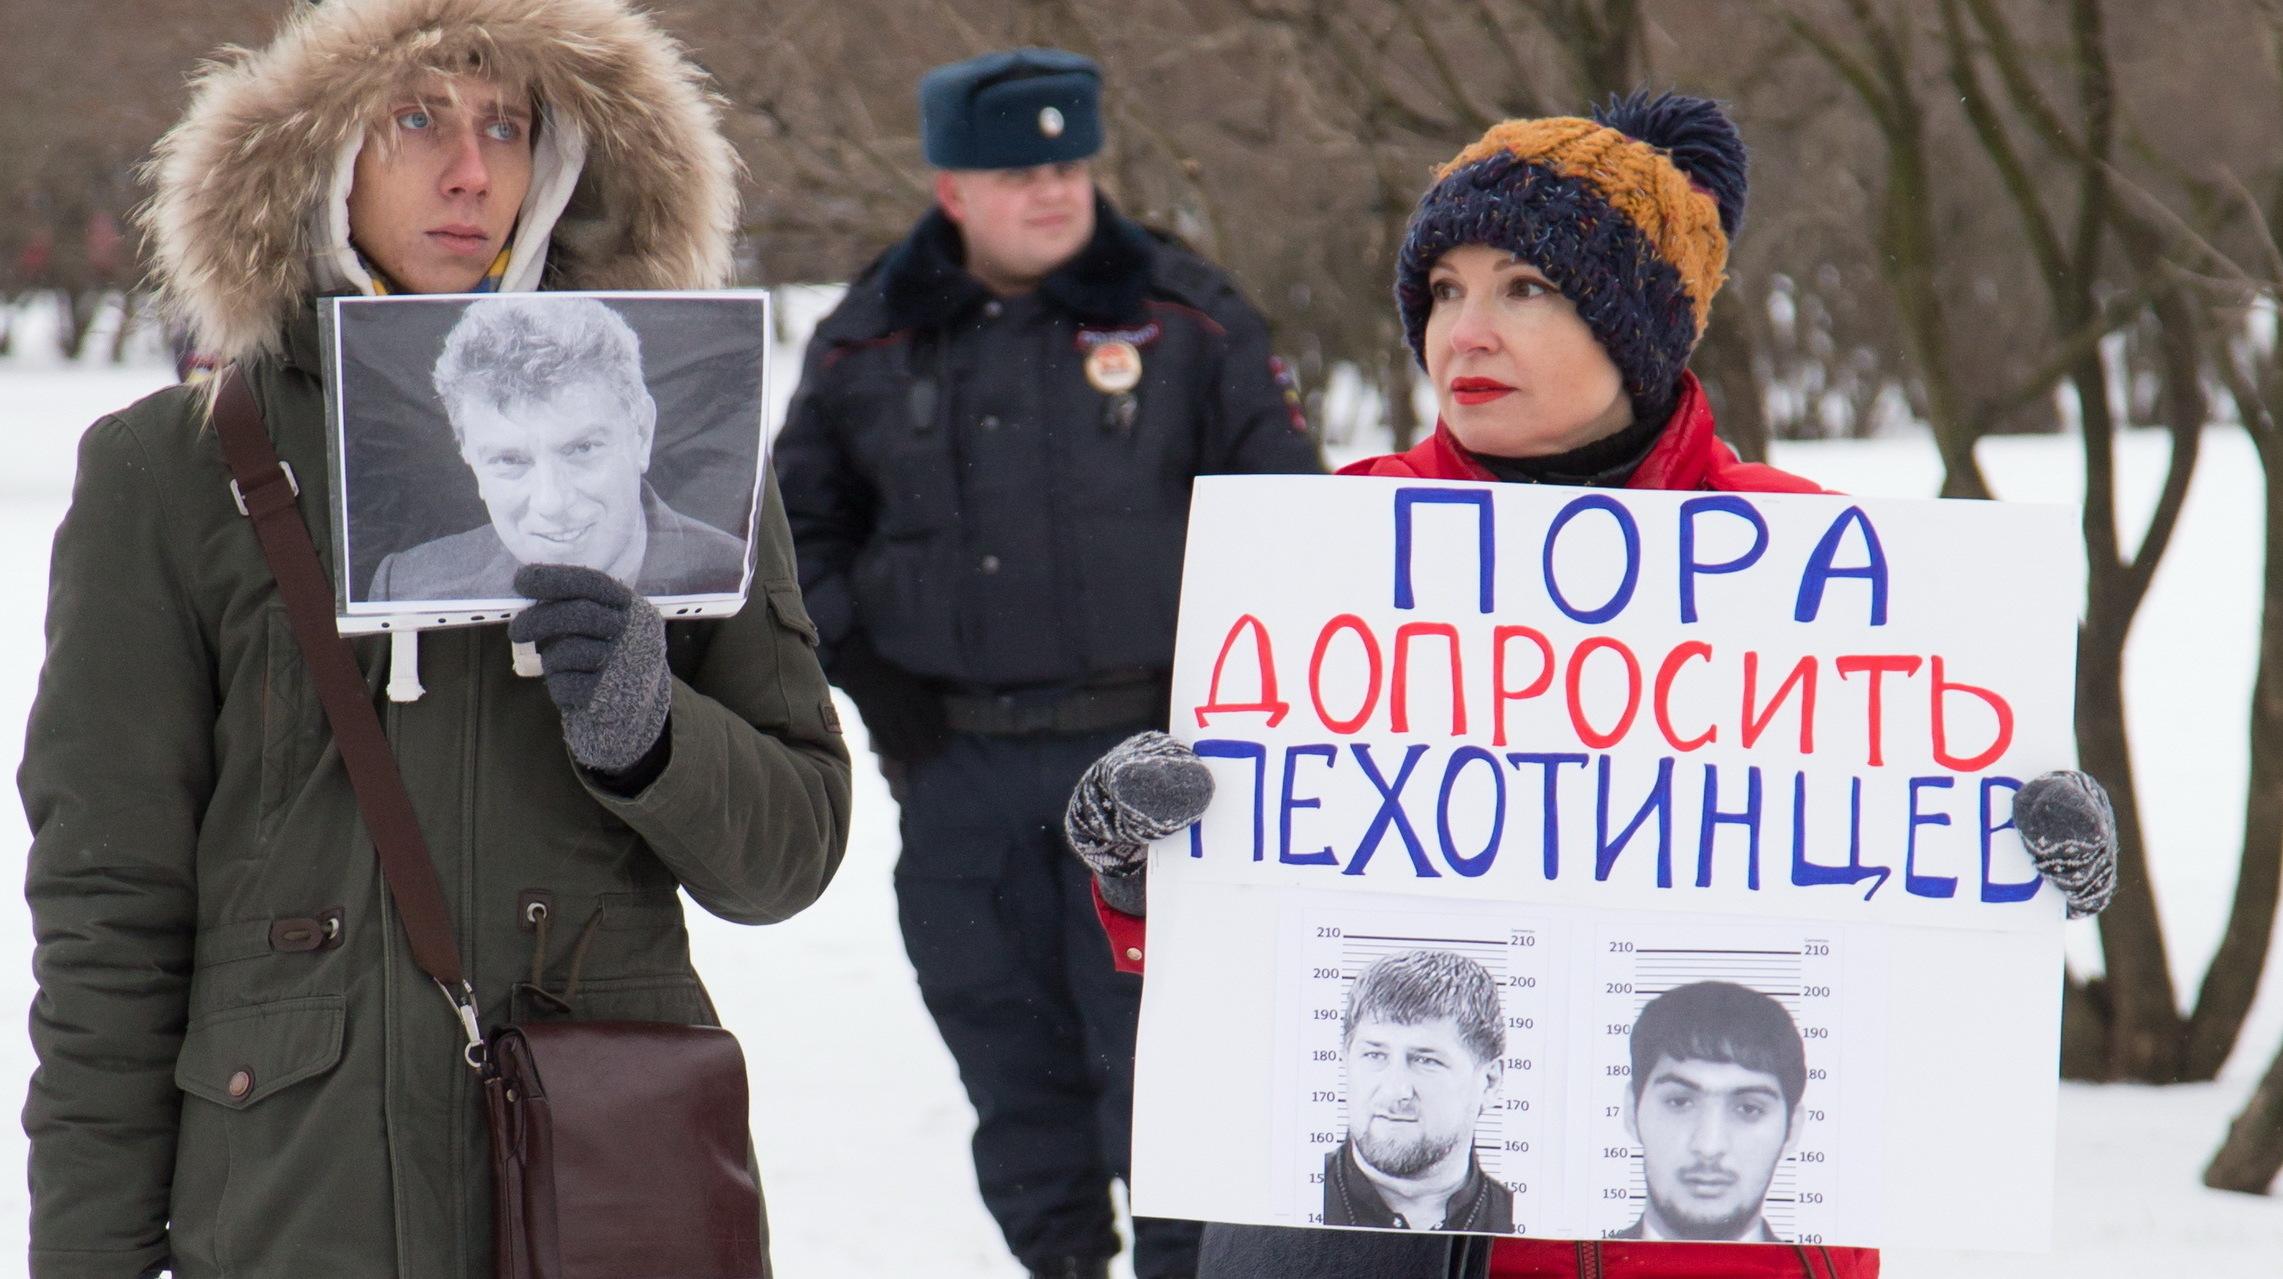 Участники акции памяти Бориса Немцова в Петербурге, февраль 2017 года